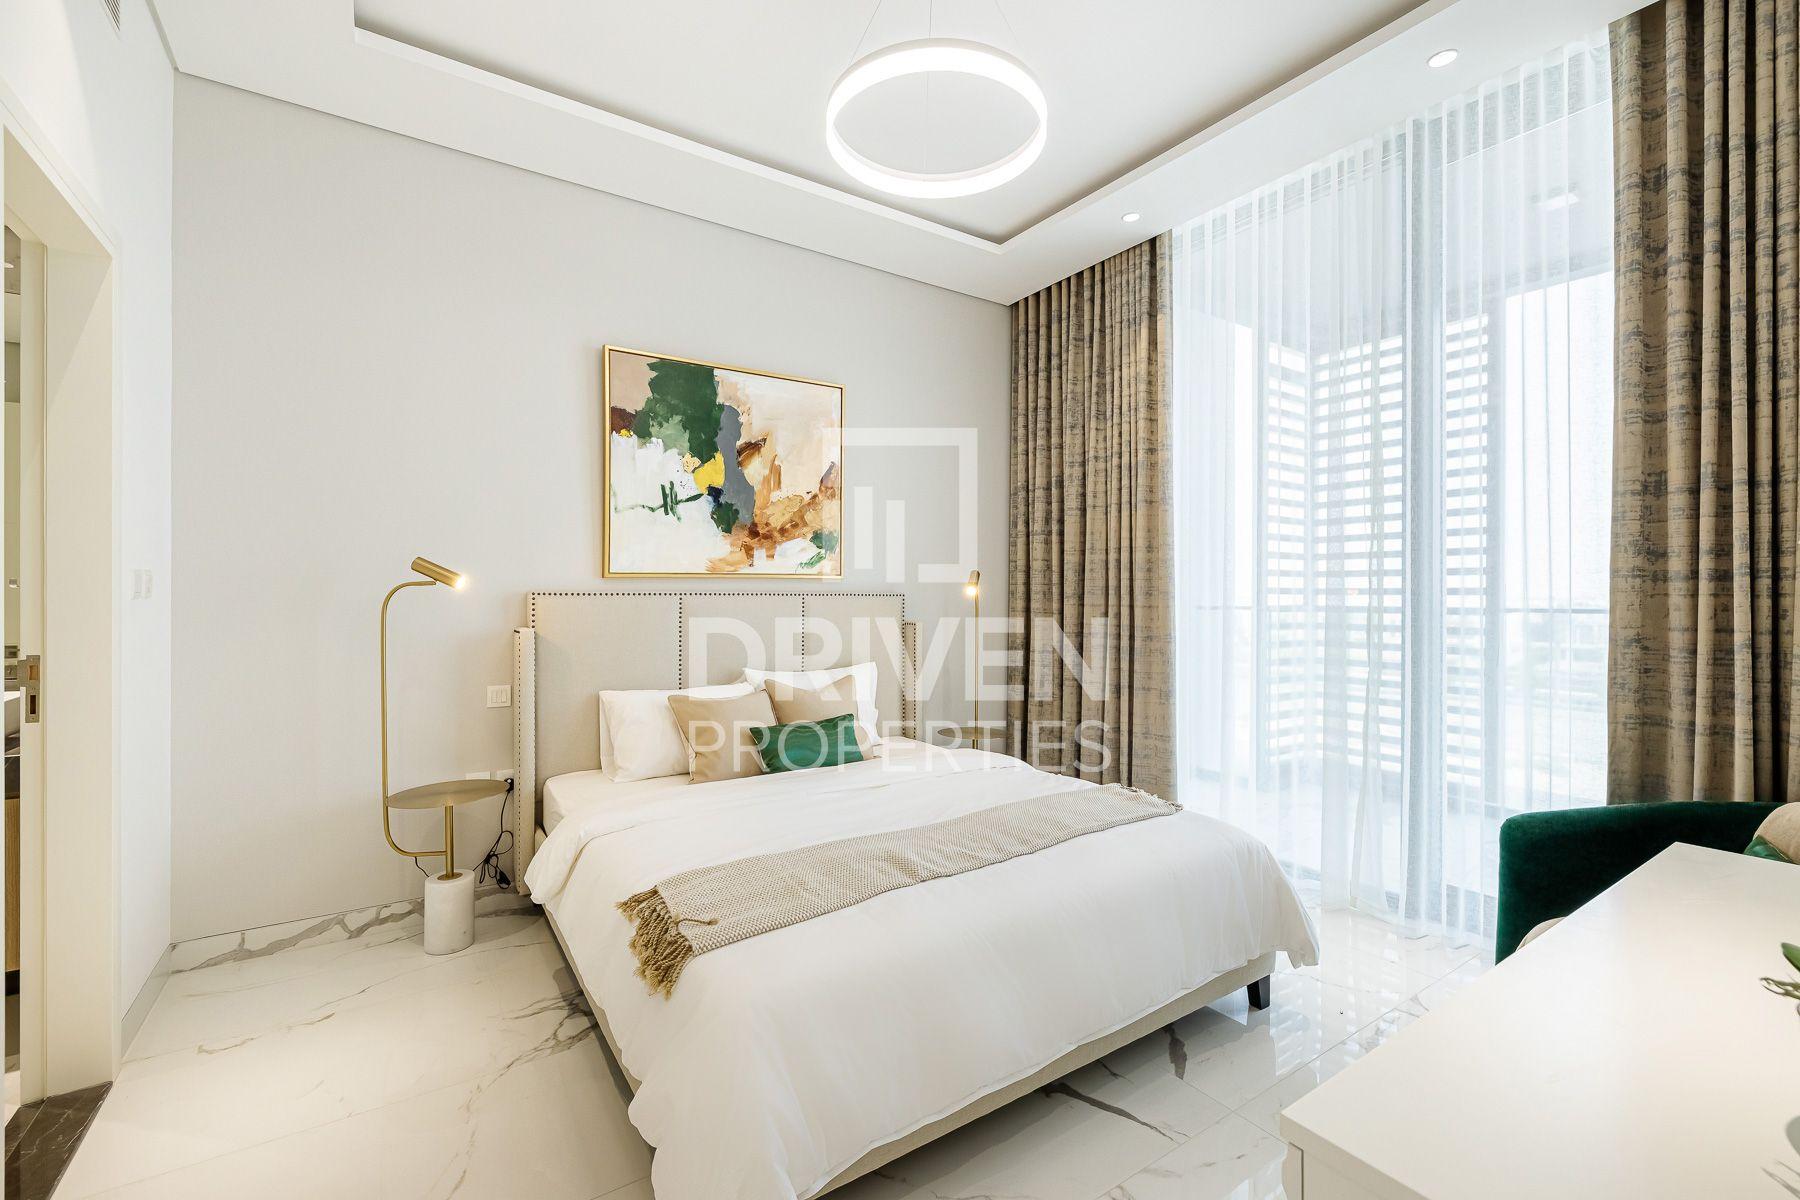 752 قدم مربع  شقة - للبيع - دبي هيلز استيت